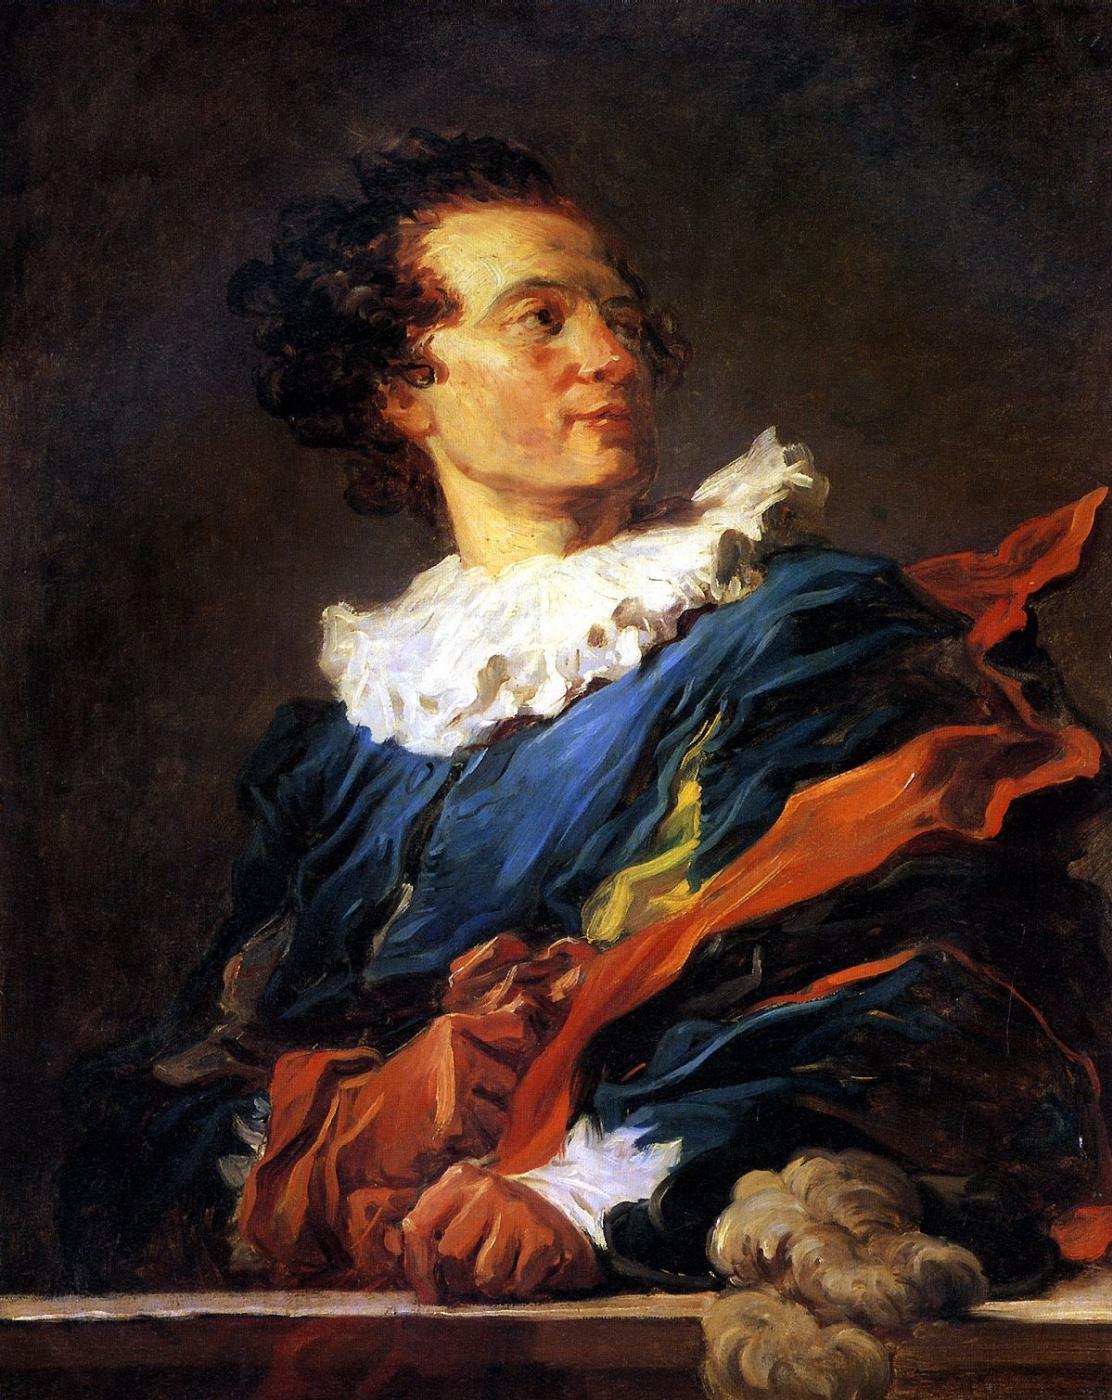 Jean-Honore Fragonard. Portrait of Jean-Claude Richard de Saint-Non